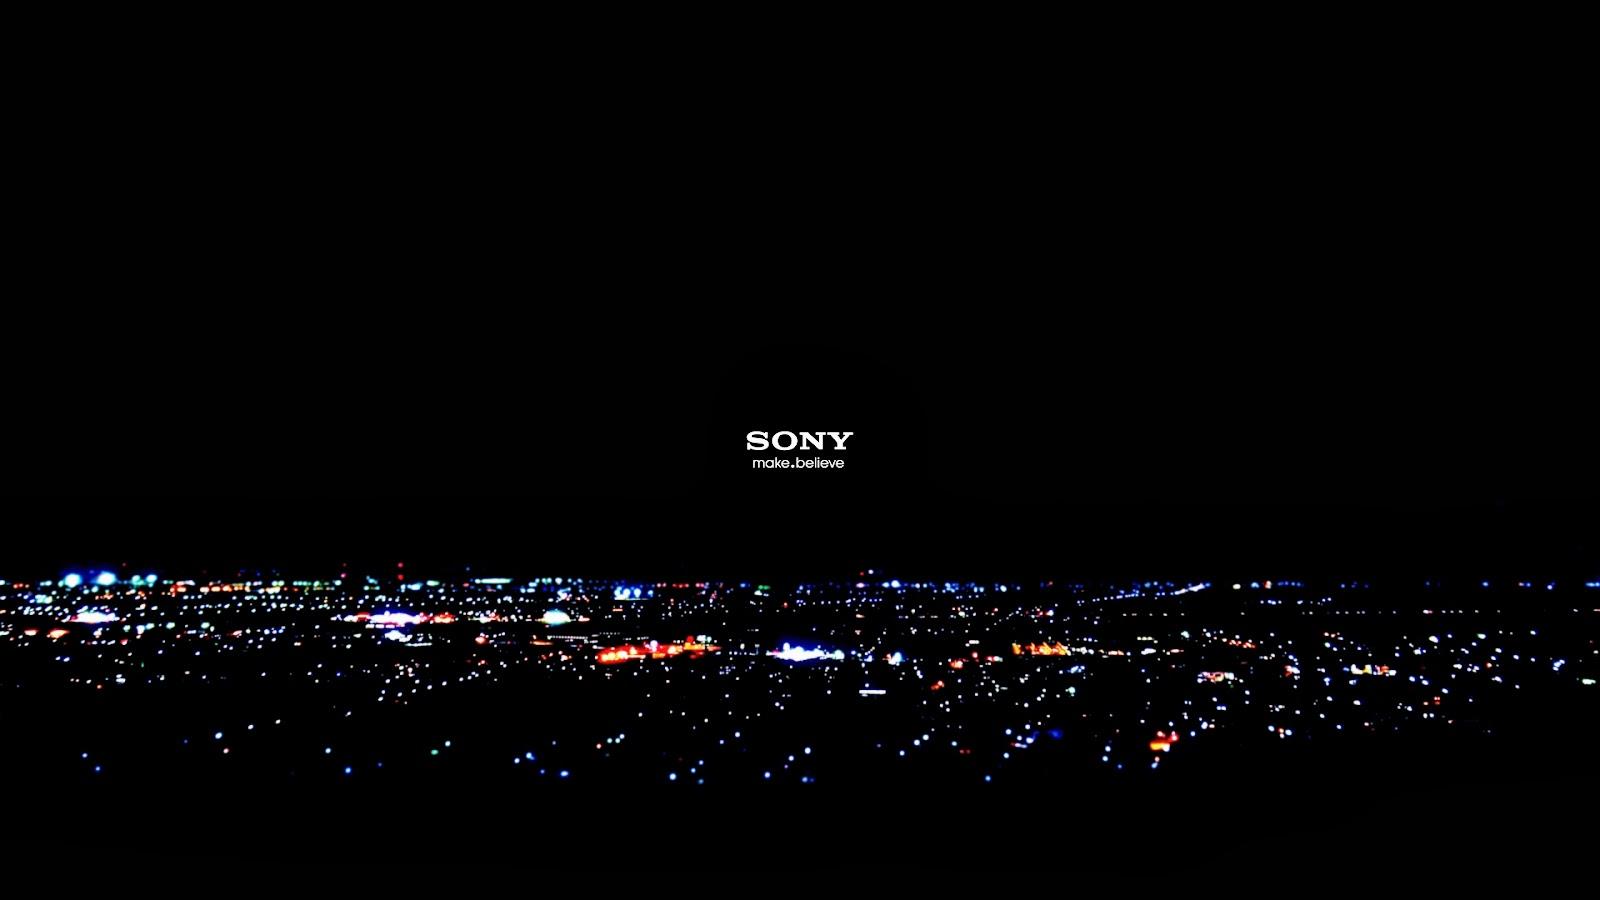 Sony Make Believe Wallpaper Hd Wallpaper